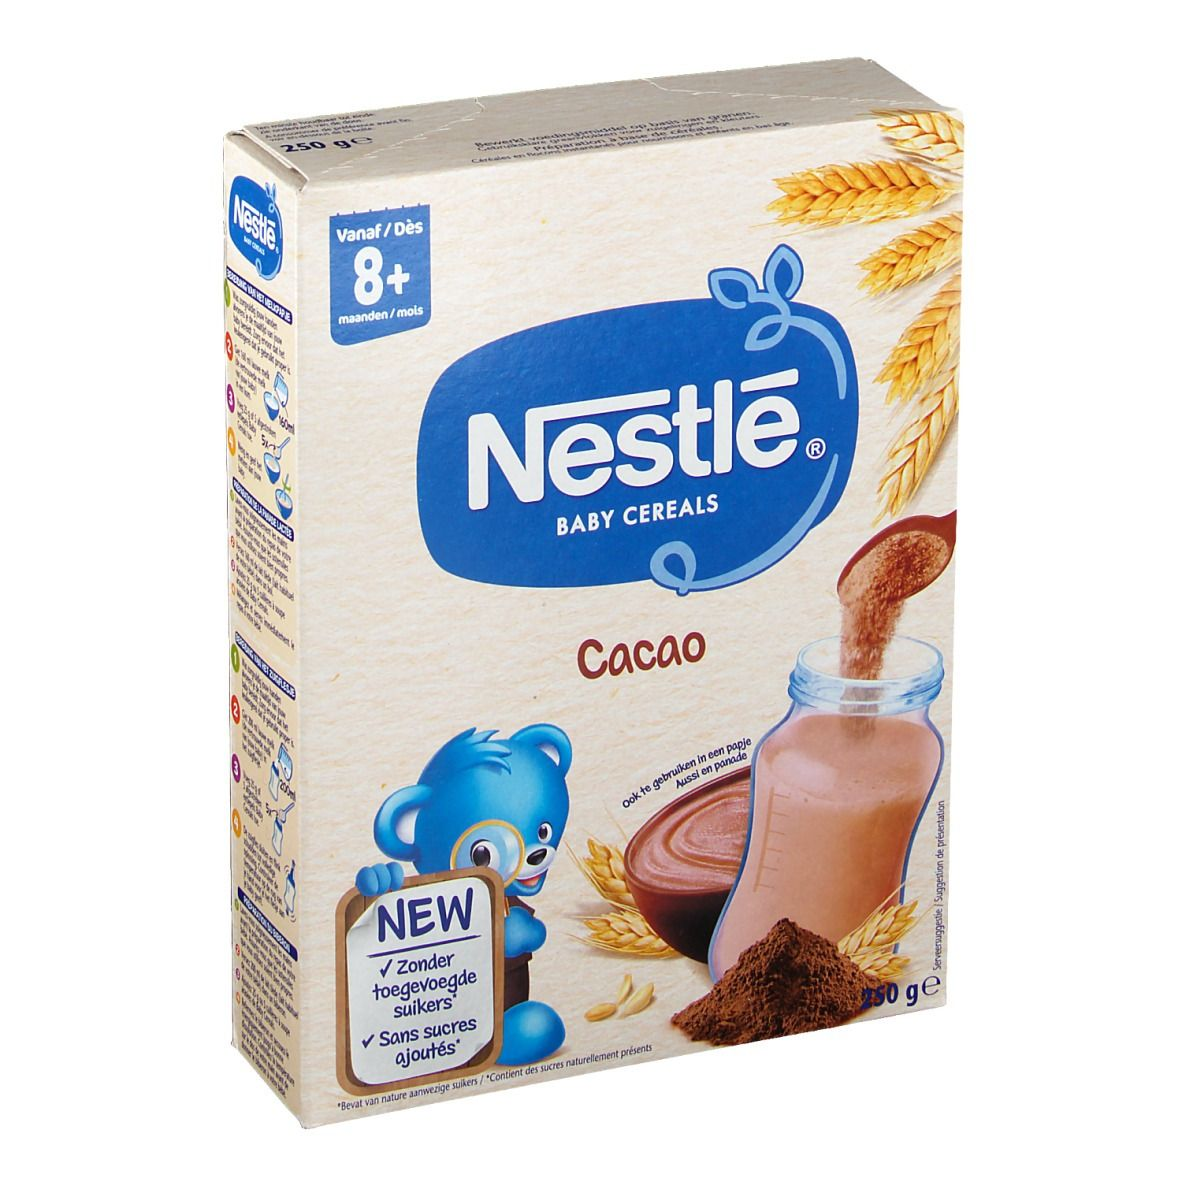 Nestlé® Baby Cereals Cacao